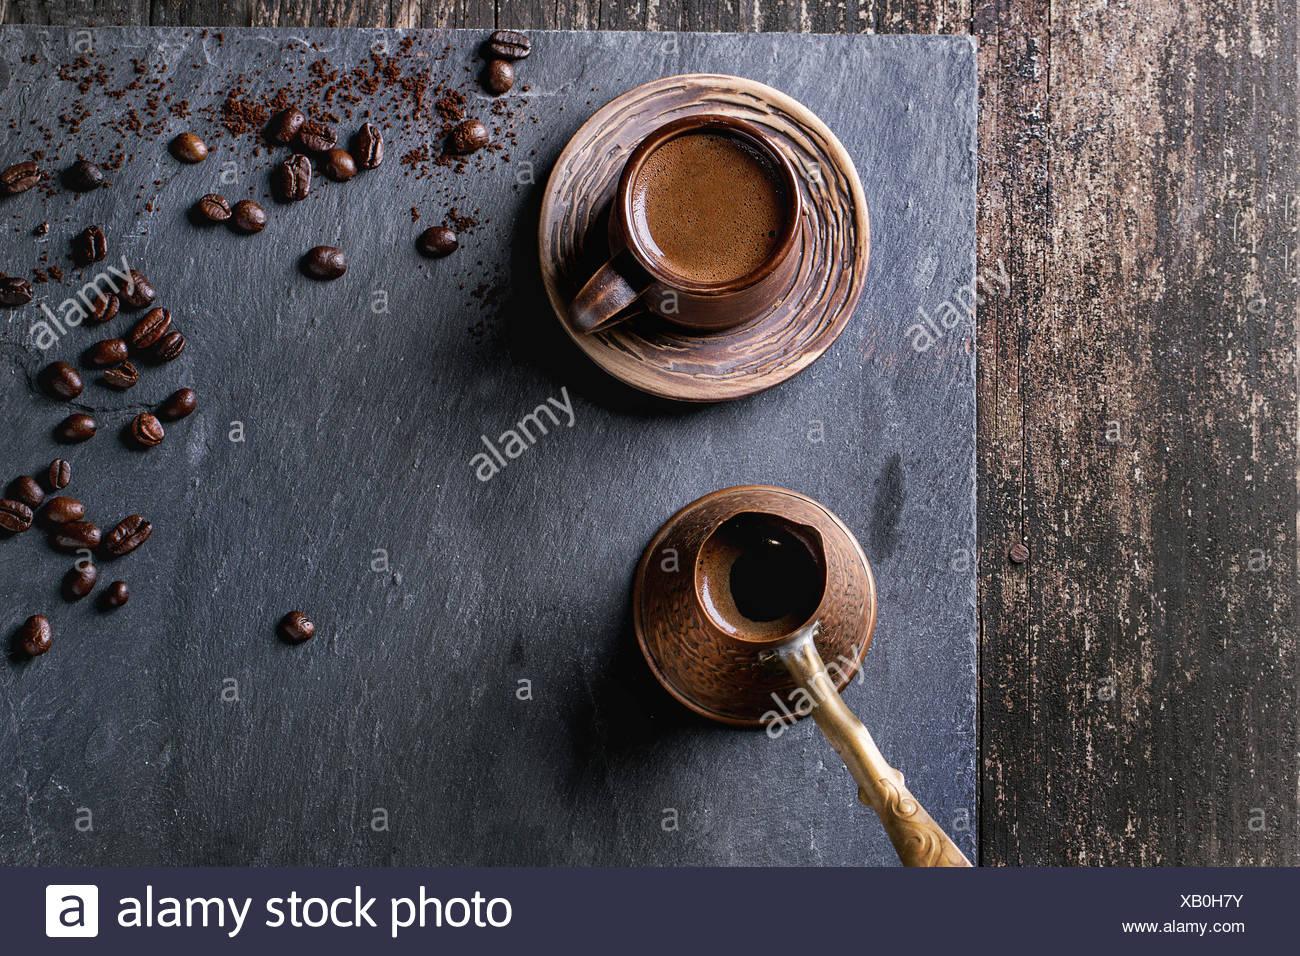 Ceramica marrone tazza di caffè, rame antico cezve e i chicchi di caffè. Oltre nero ardesia come sfondo. Con copia spazio al centro. Top v Immagini Stock